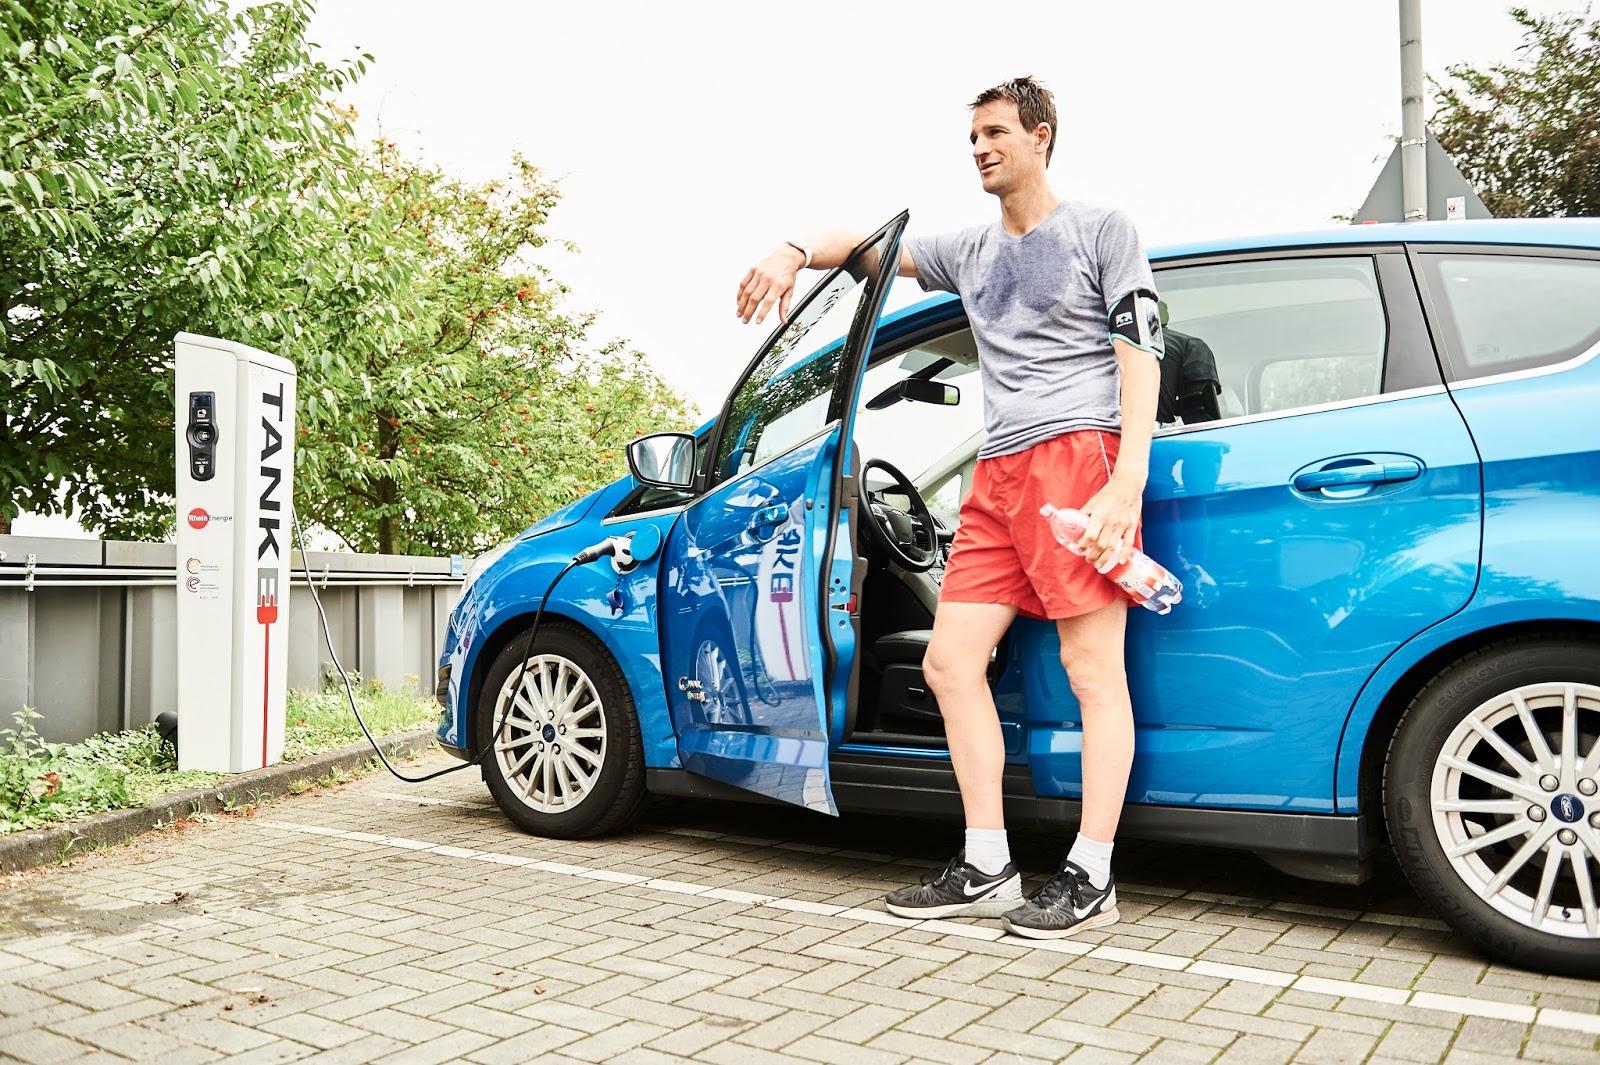 12 MyFordMobile charging Χρησιμοποιείστε το smartwatch σας για να τσεκάρετε το ηλεκτρικό σας αυτοκίνητο Ford Android Auto, Apple CarPlay, Electric cars, Ford, videos, Τεχνολογία